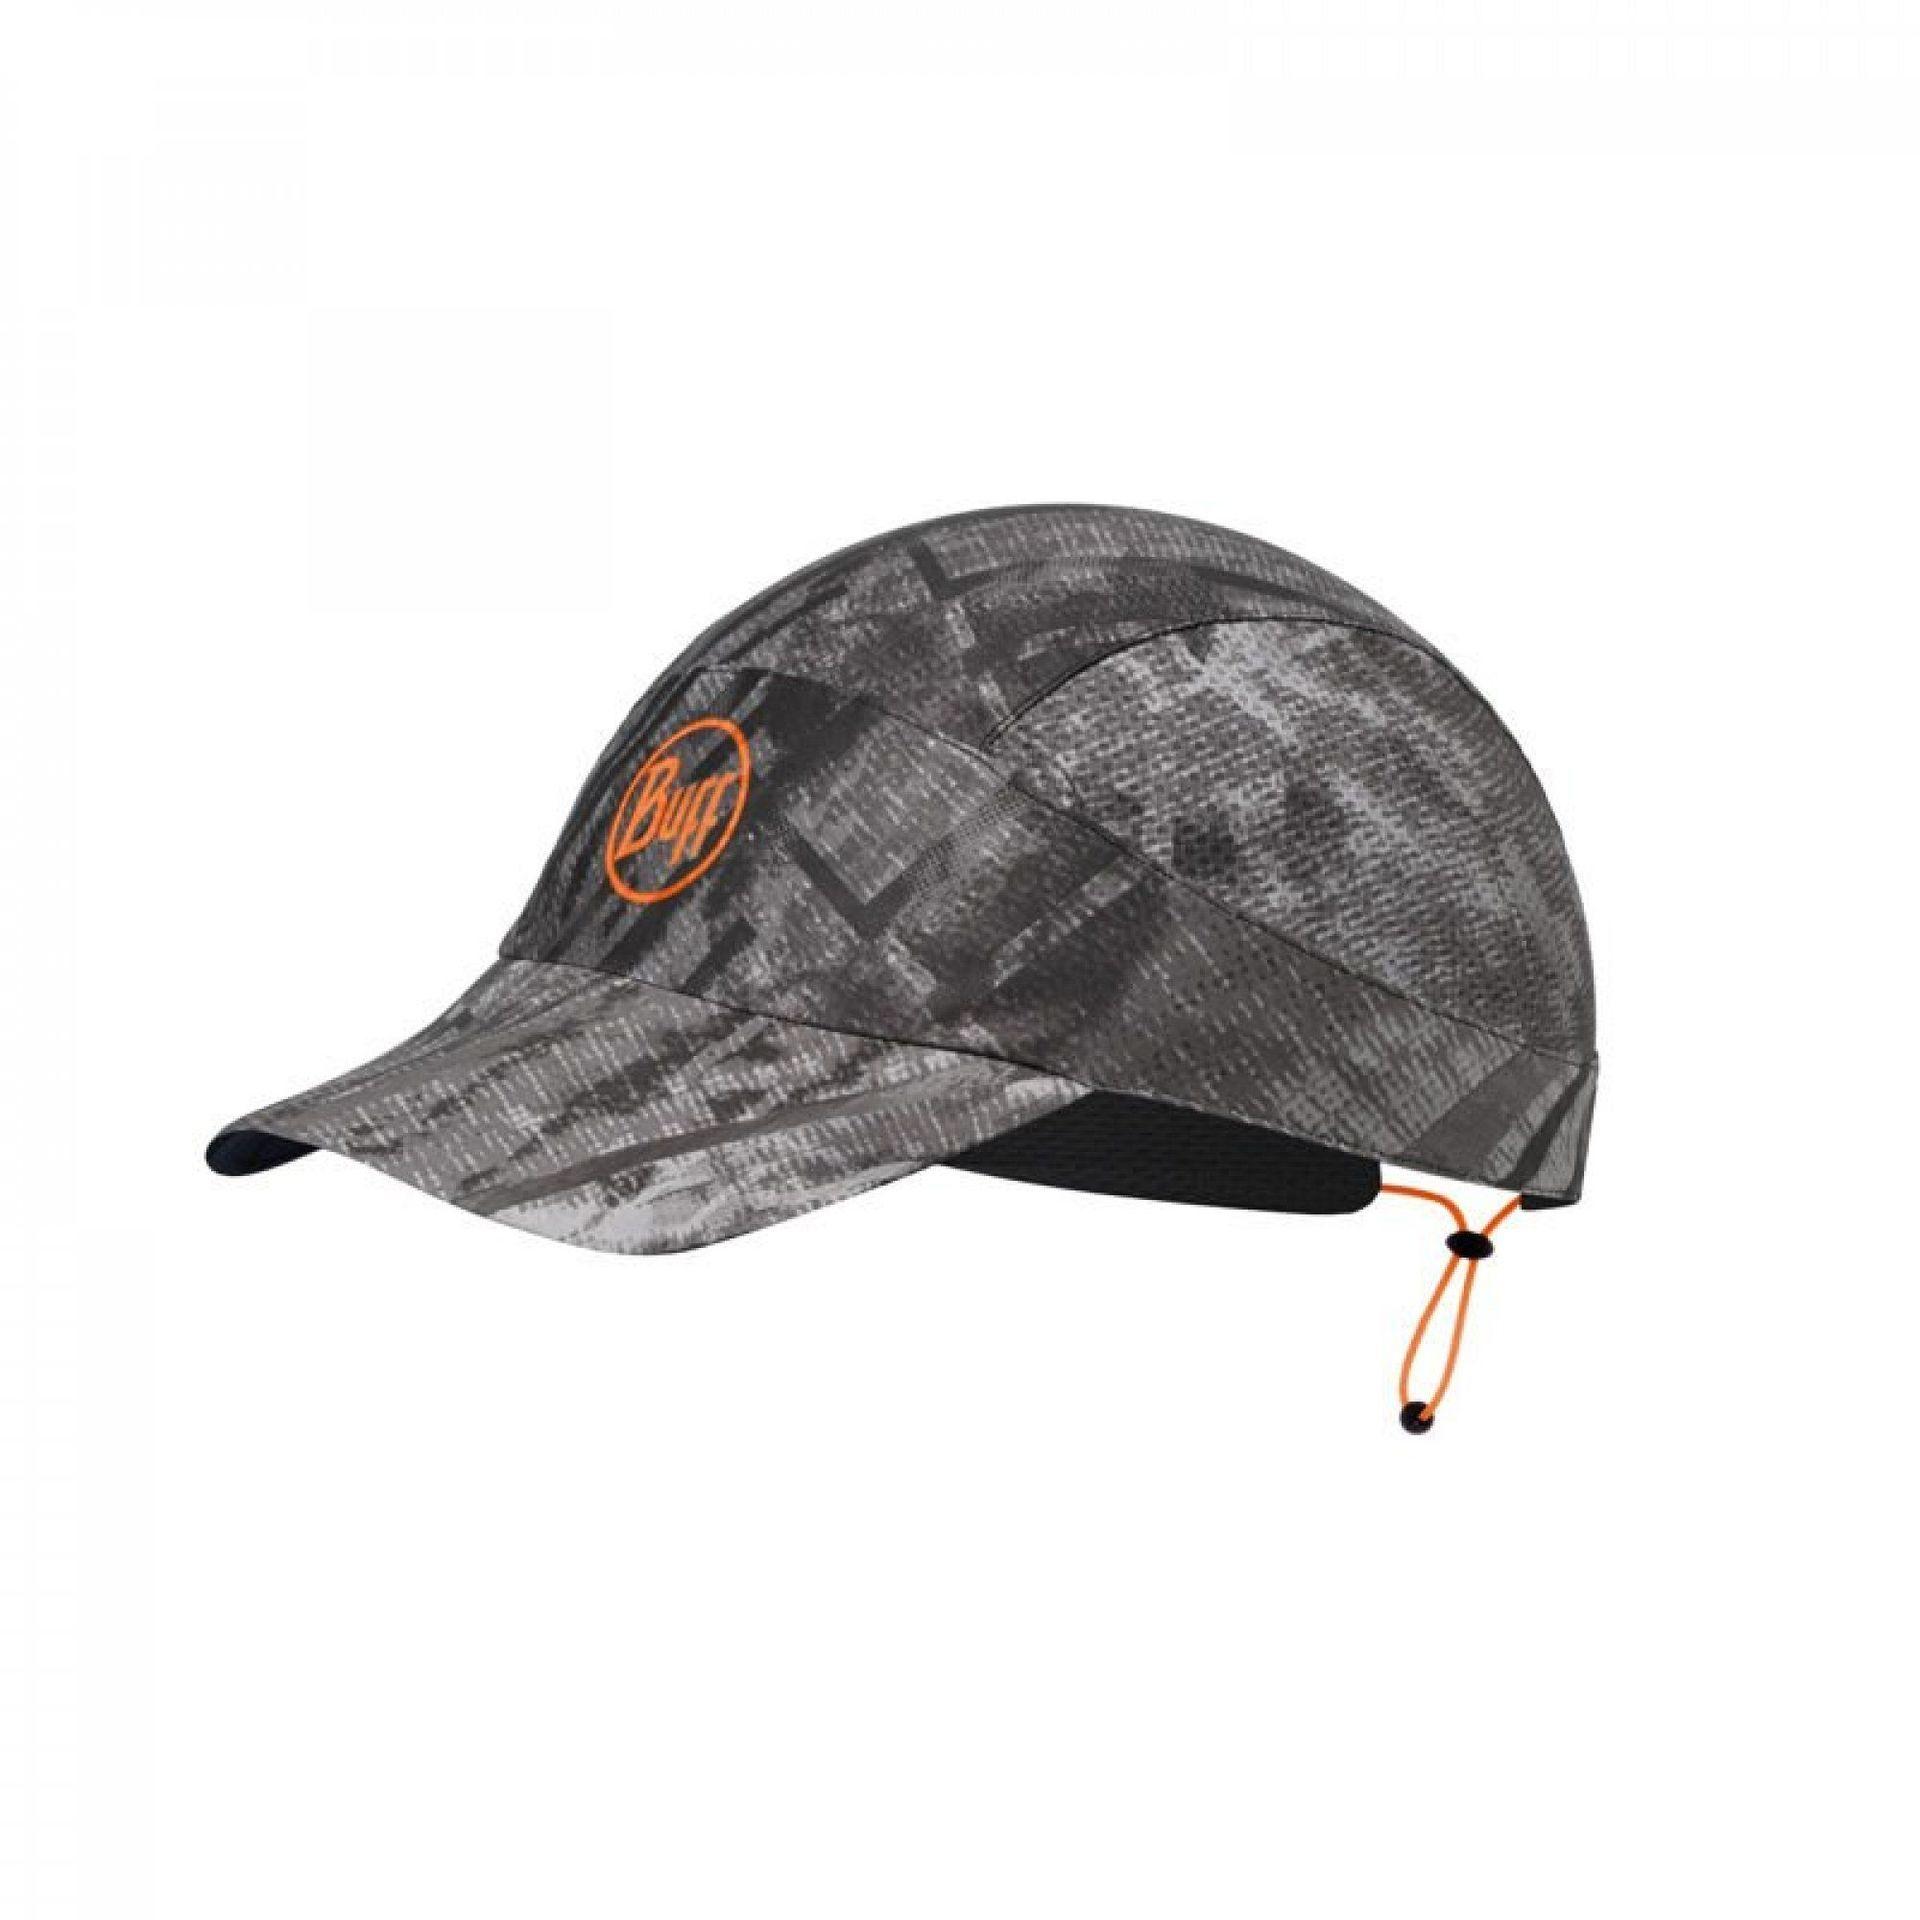 PACK RUN CAP R-CITY JUNGLE GREY 1